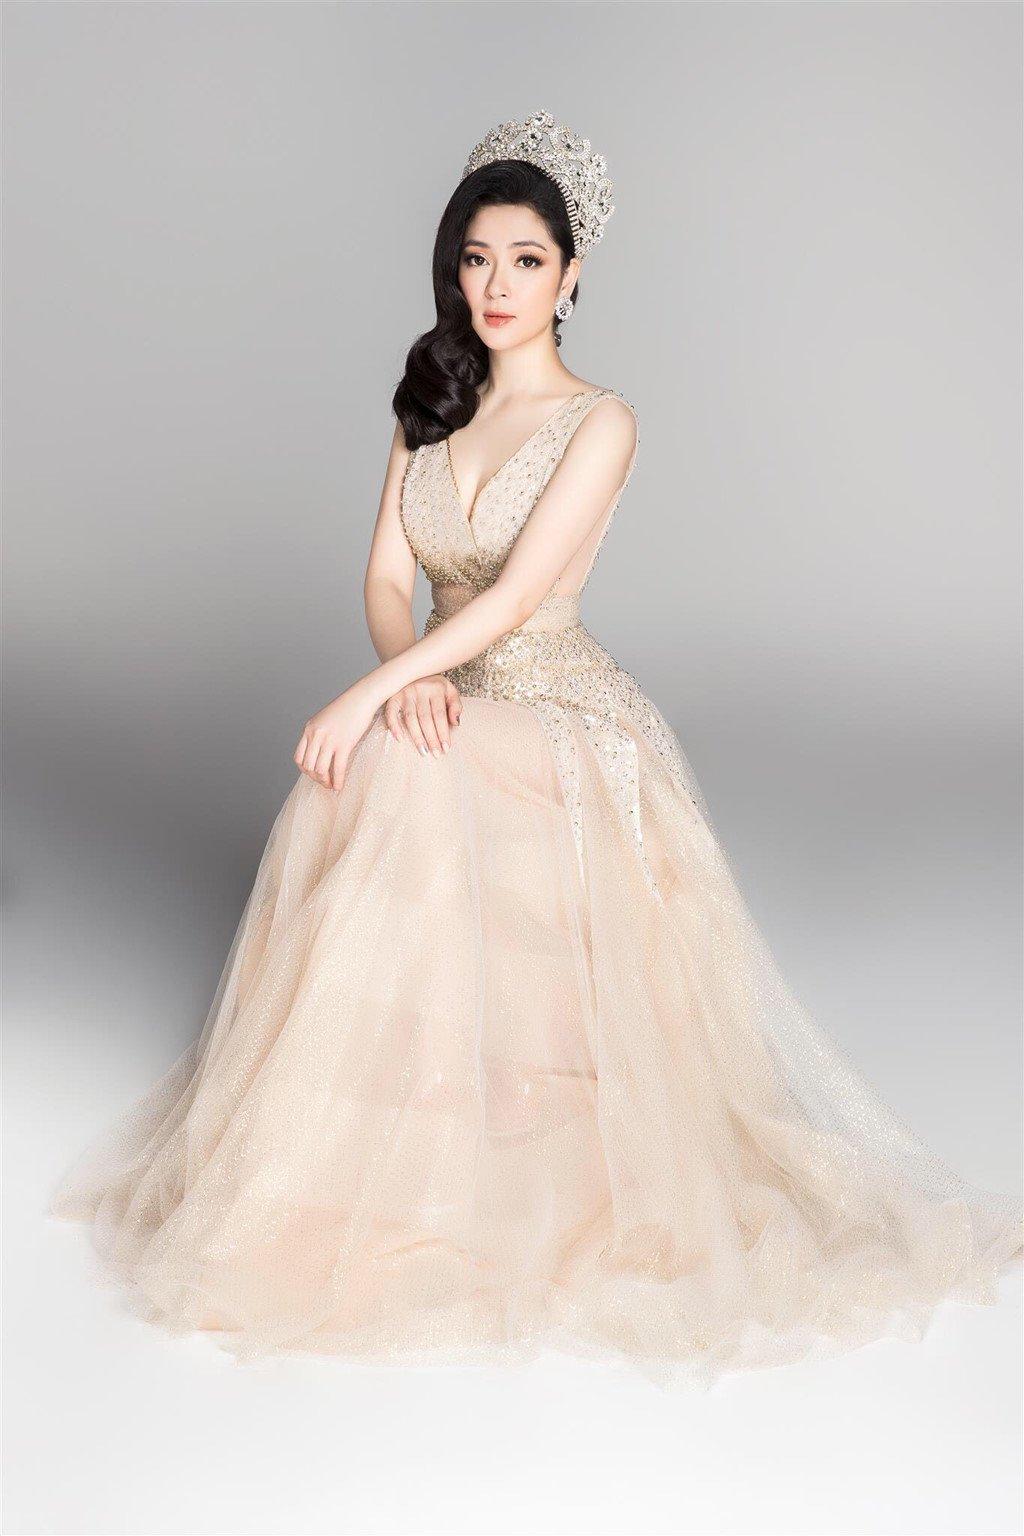 Hình ảnh 14 nhan sắc từng đăng quang Hoa hậu Việt Nam giờ ra sao? số 8